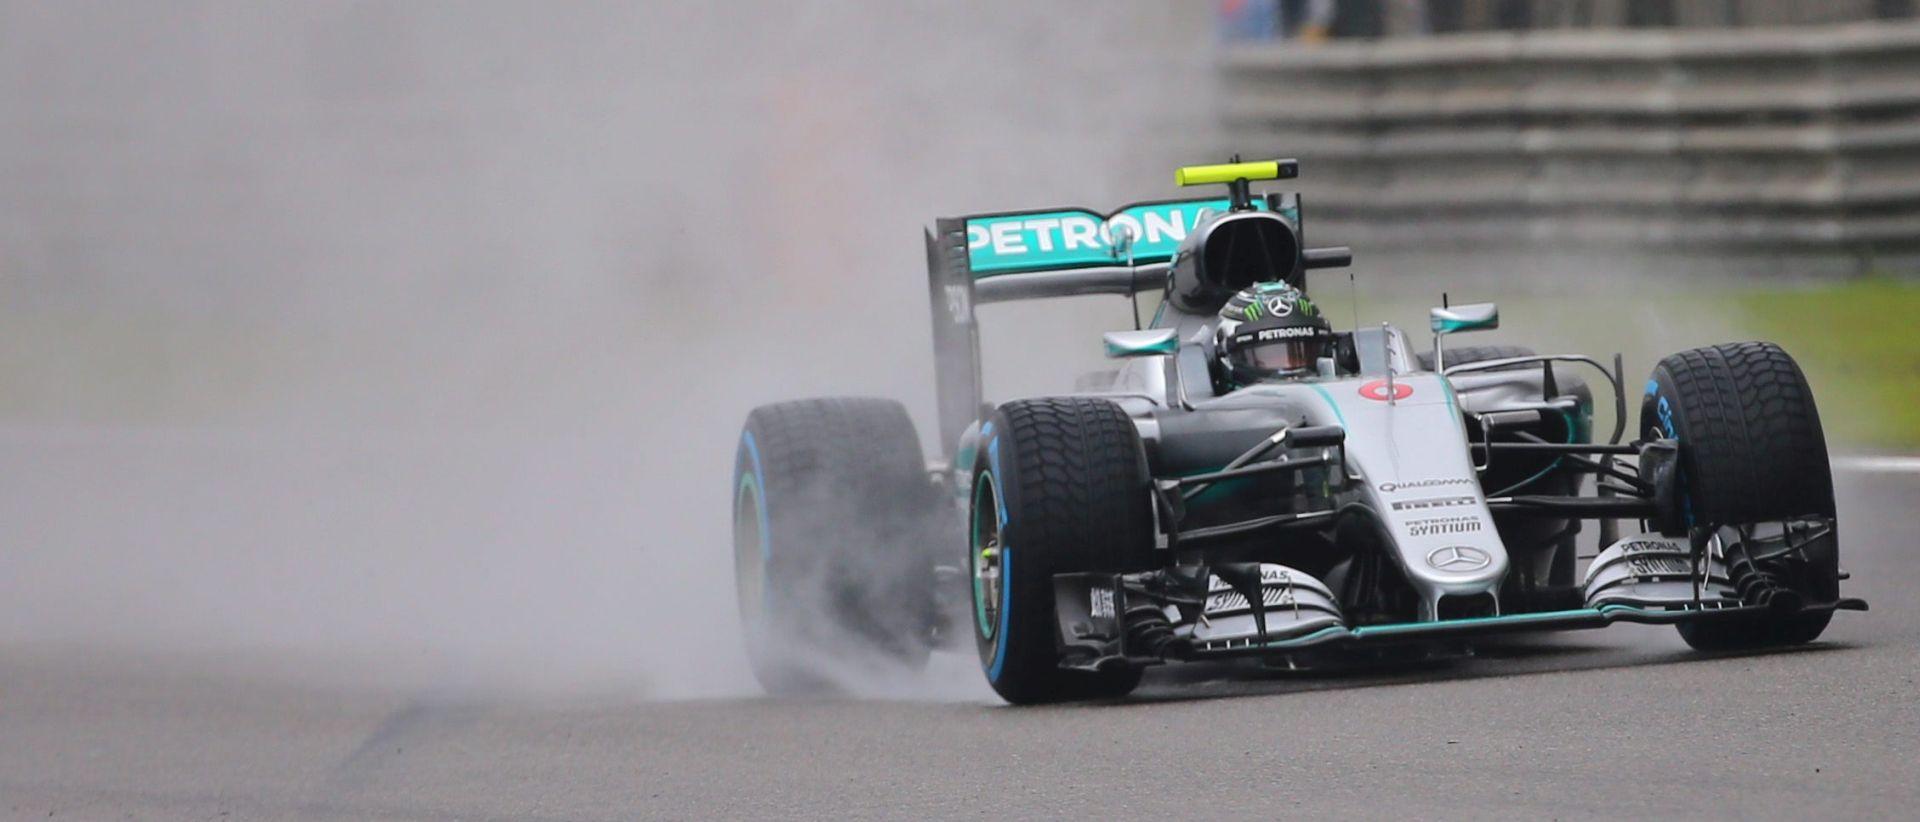 UTRKA ZA VN KINE: Rosberg starta prvi, Hamilton zadnji